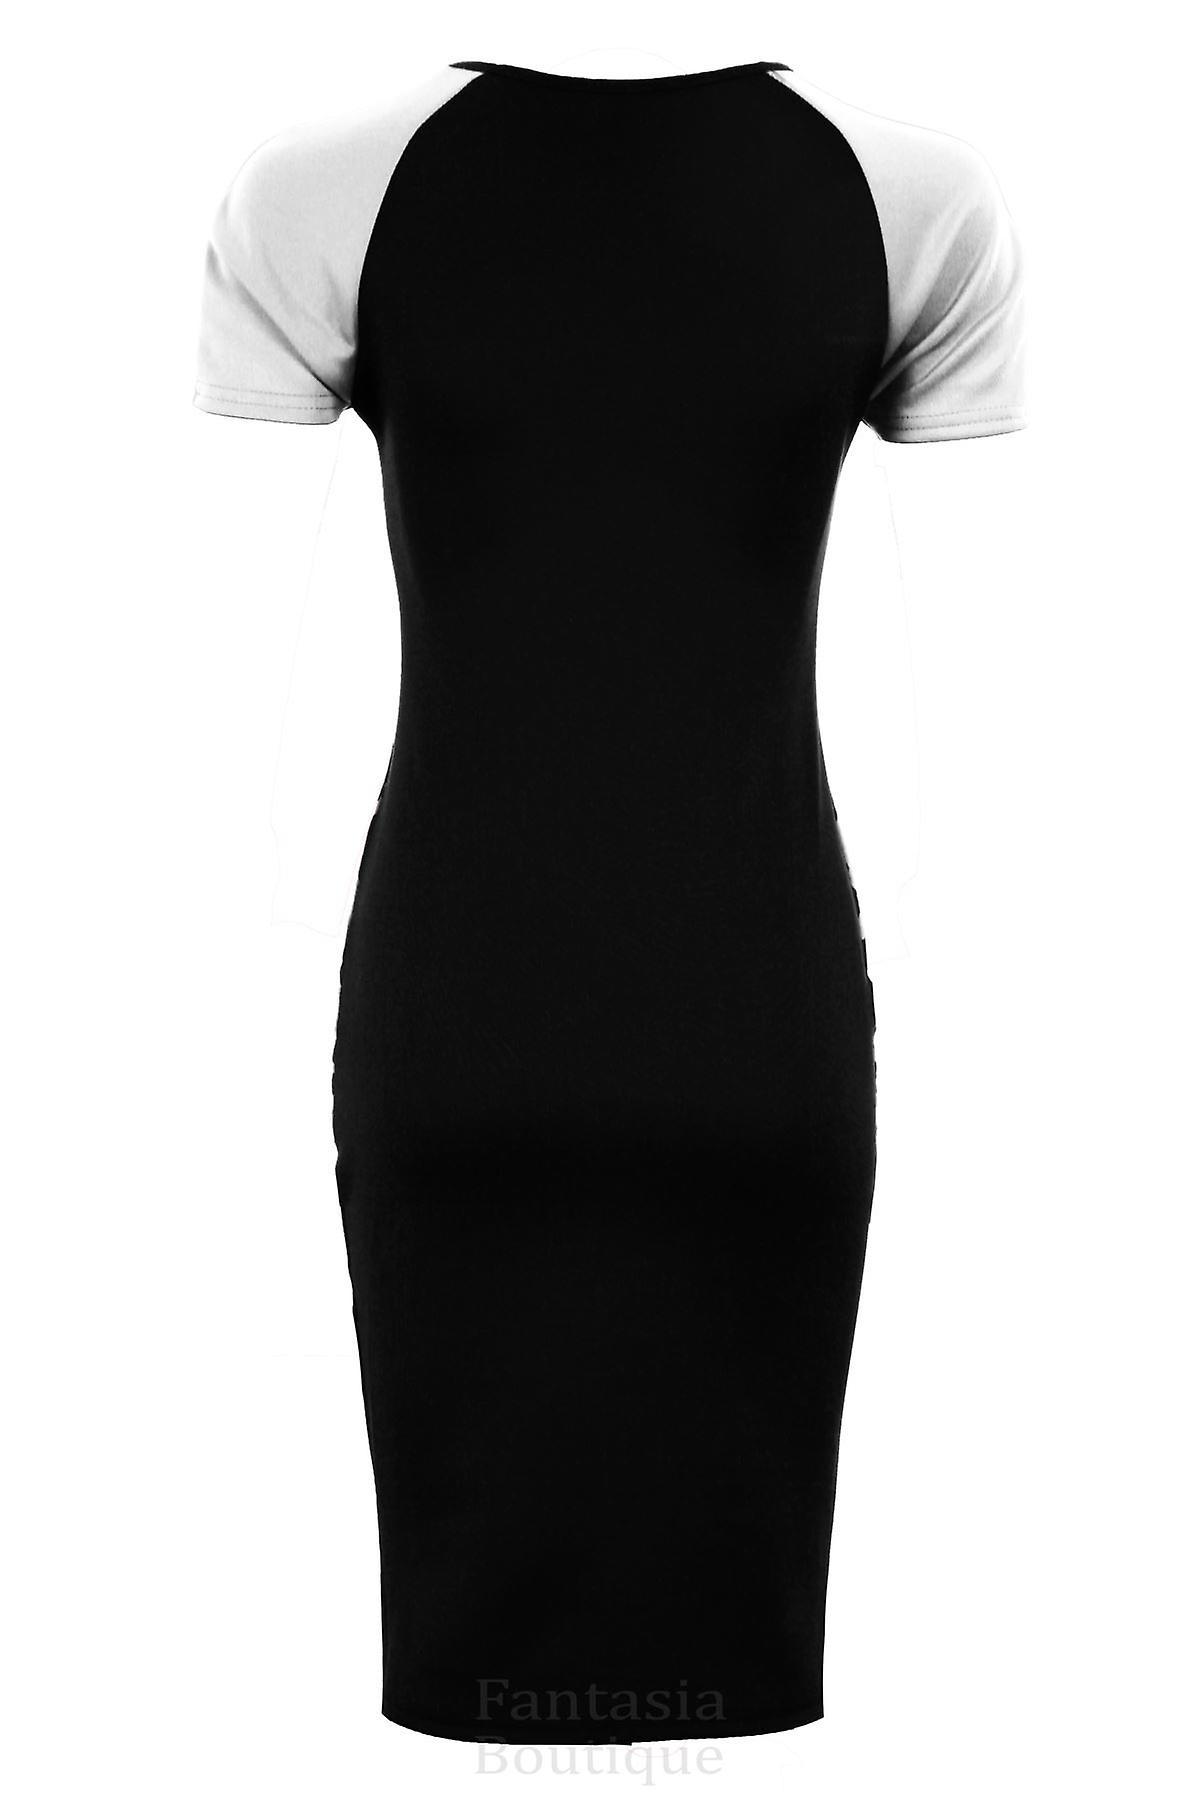 Ladies Contrast Panel Leopard Side Wine Ivory Black Women's Bodycon Dress